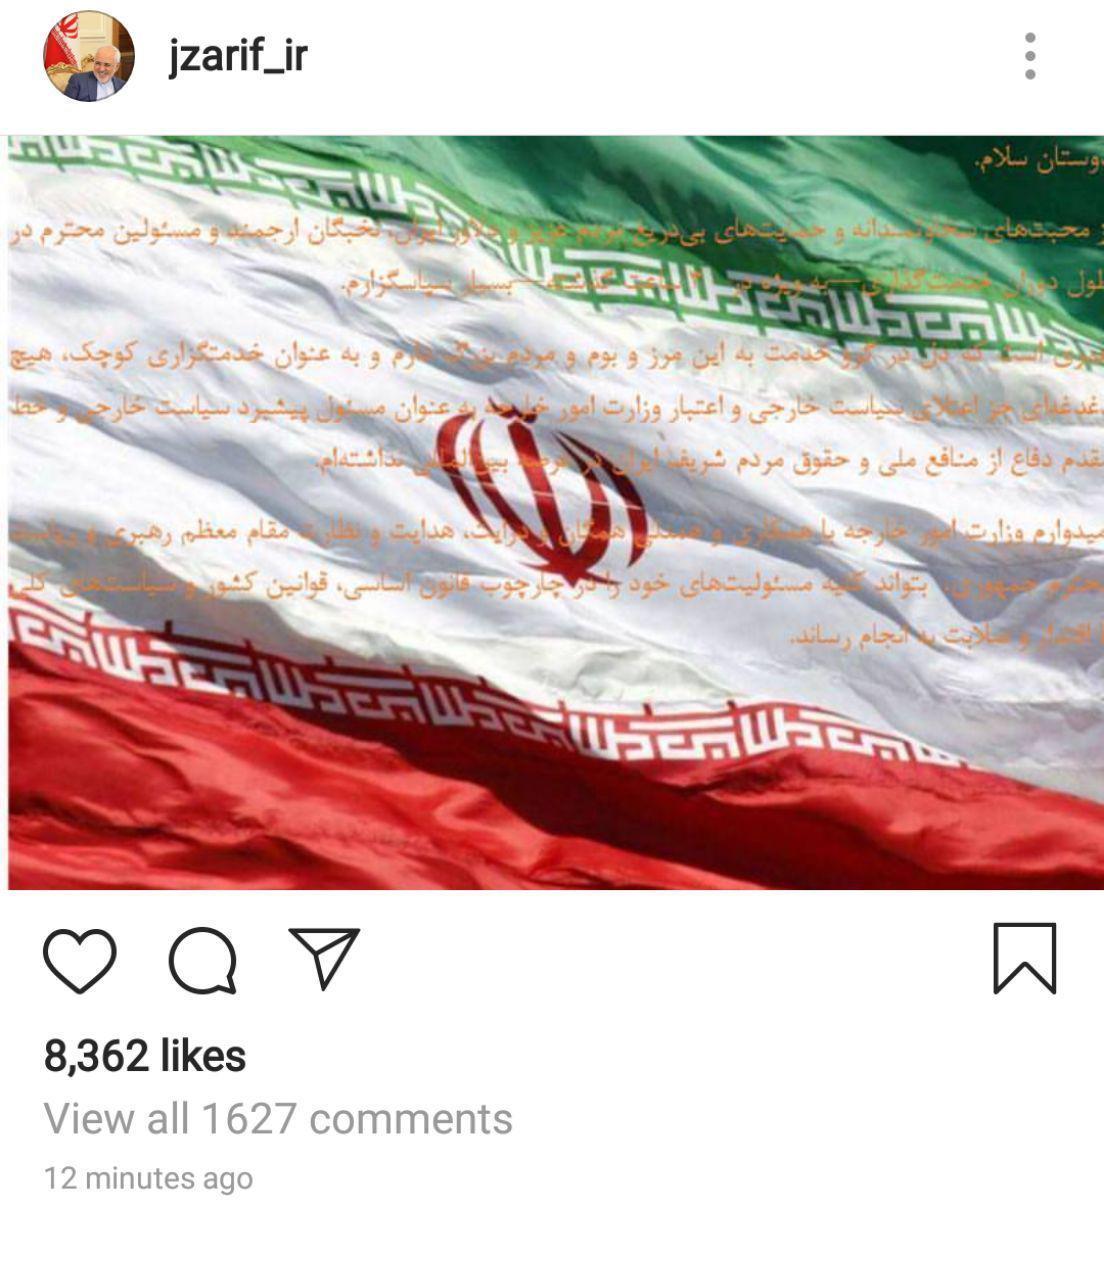 اولین پیام ظریف بعد از مخالفت رییسجمهور با استعفایش